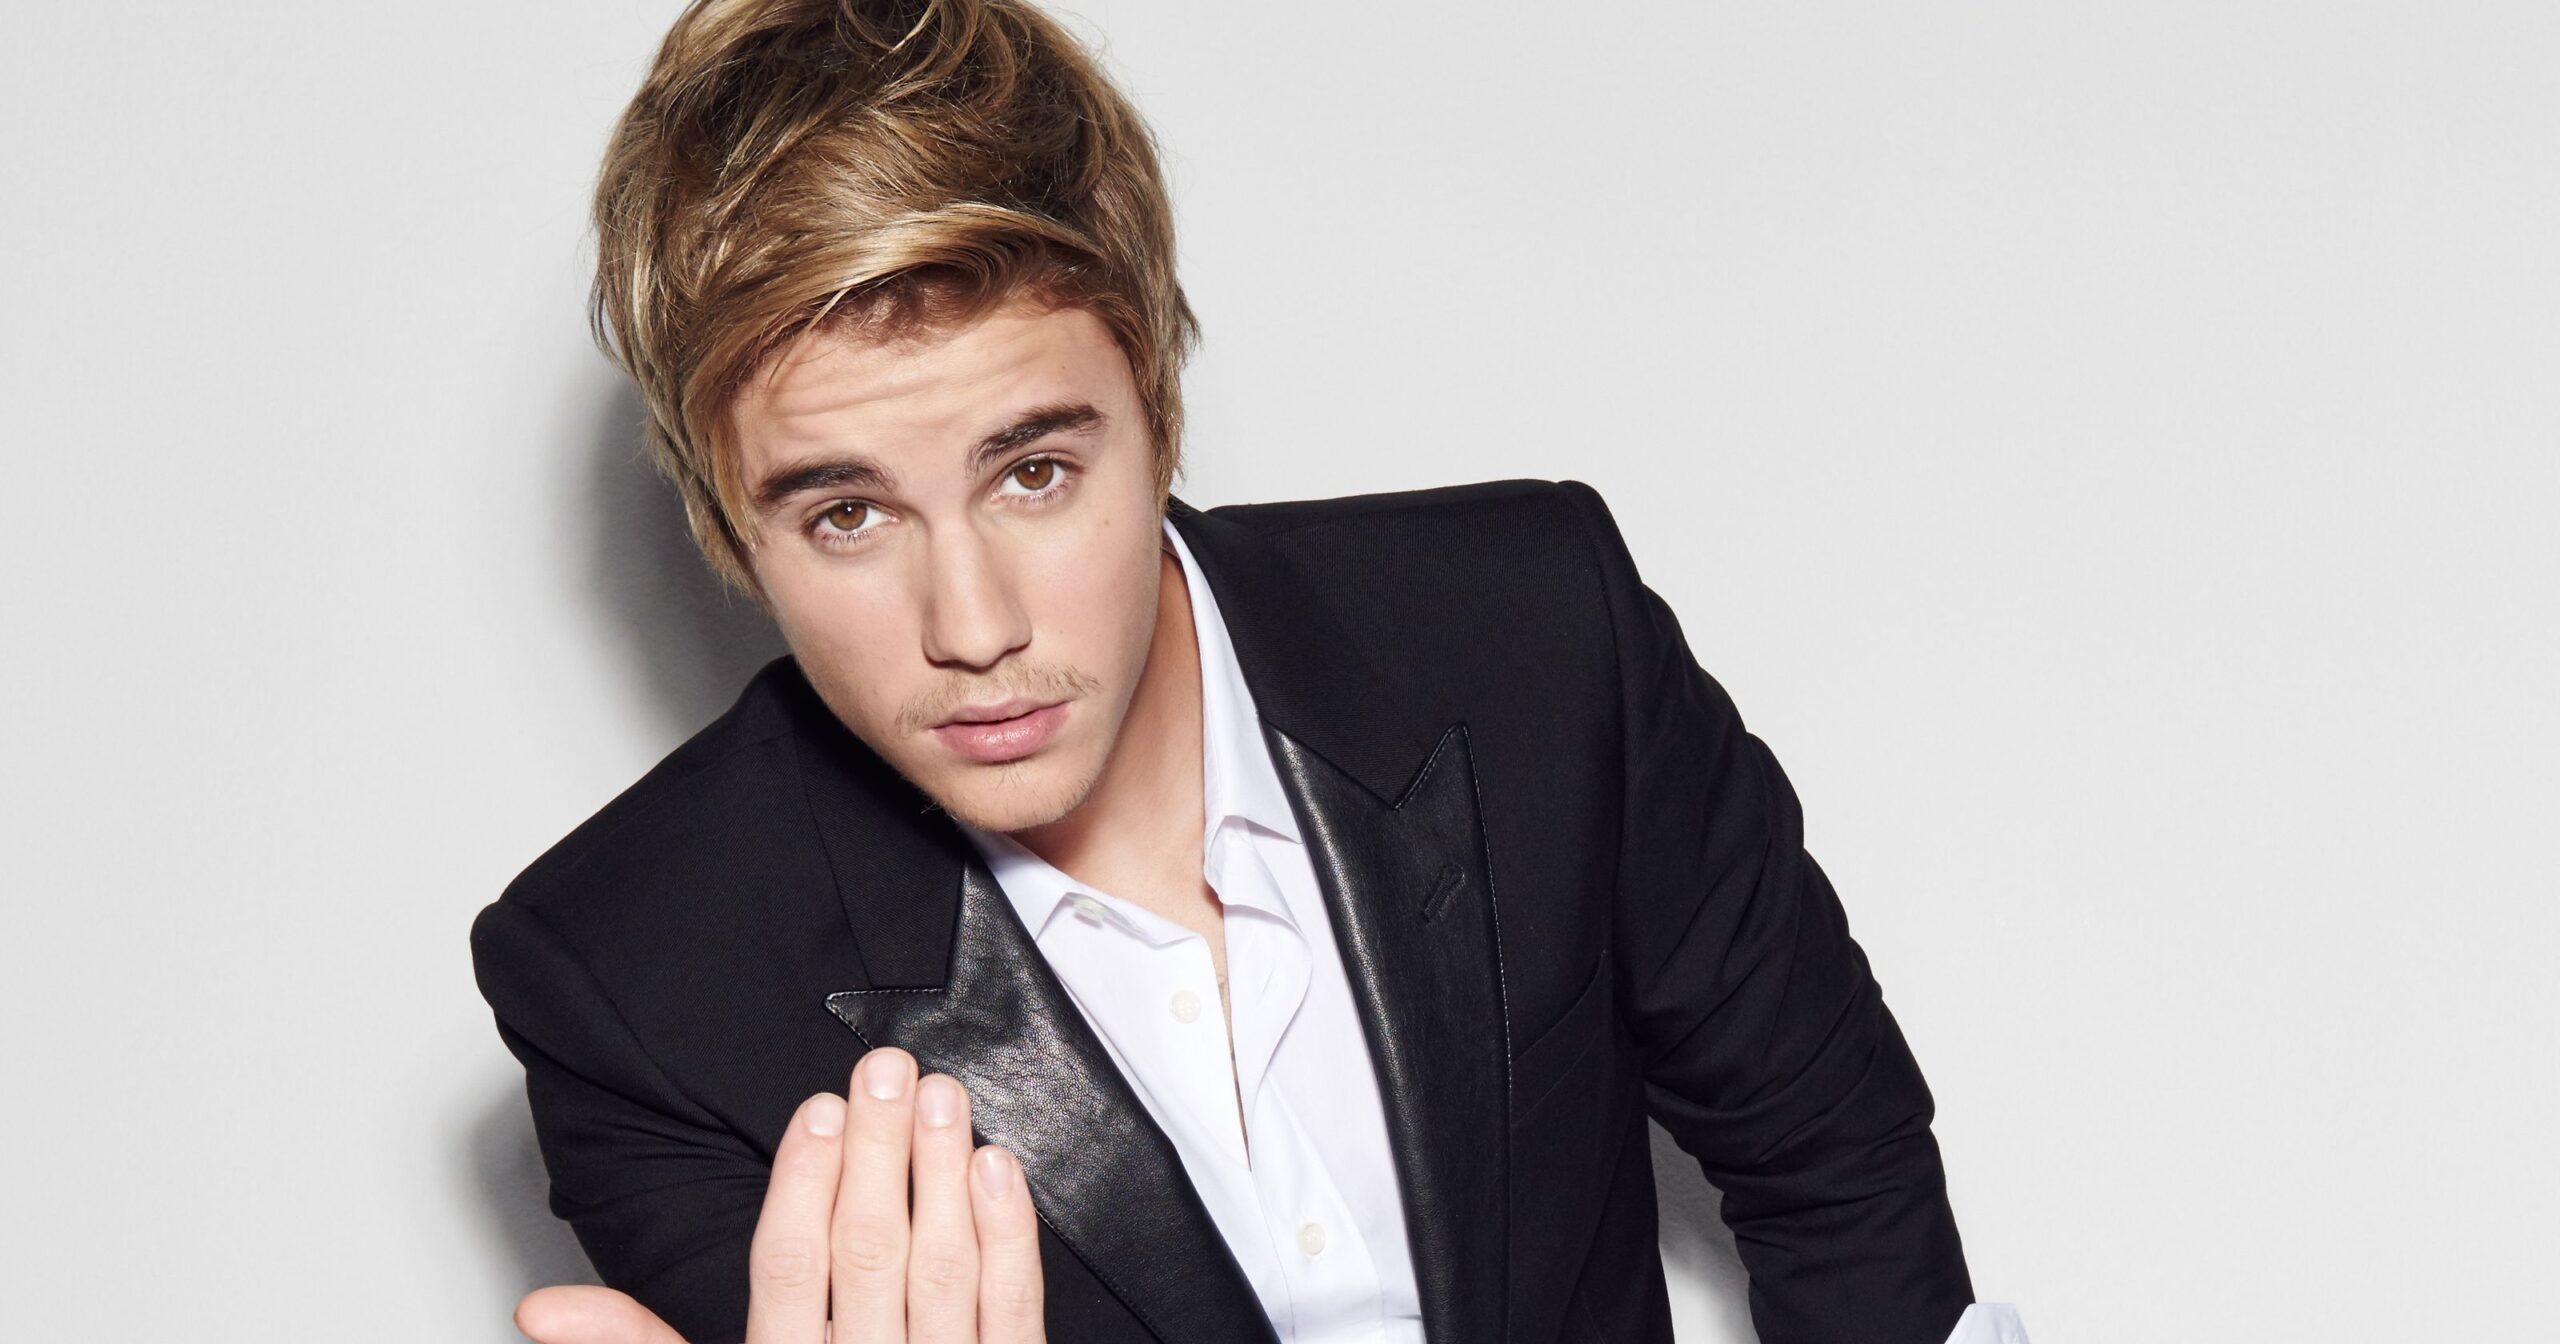 L'ultimo album di Justin Bieber